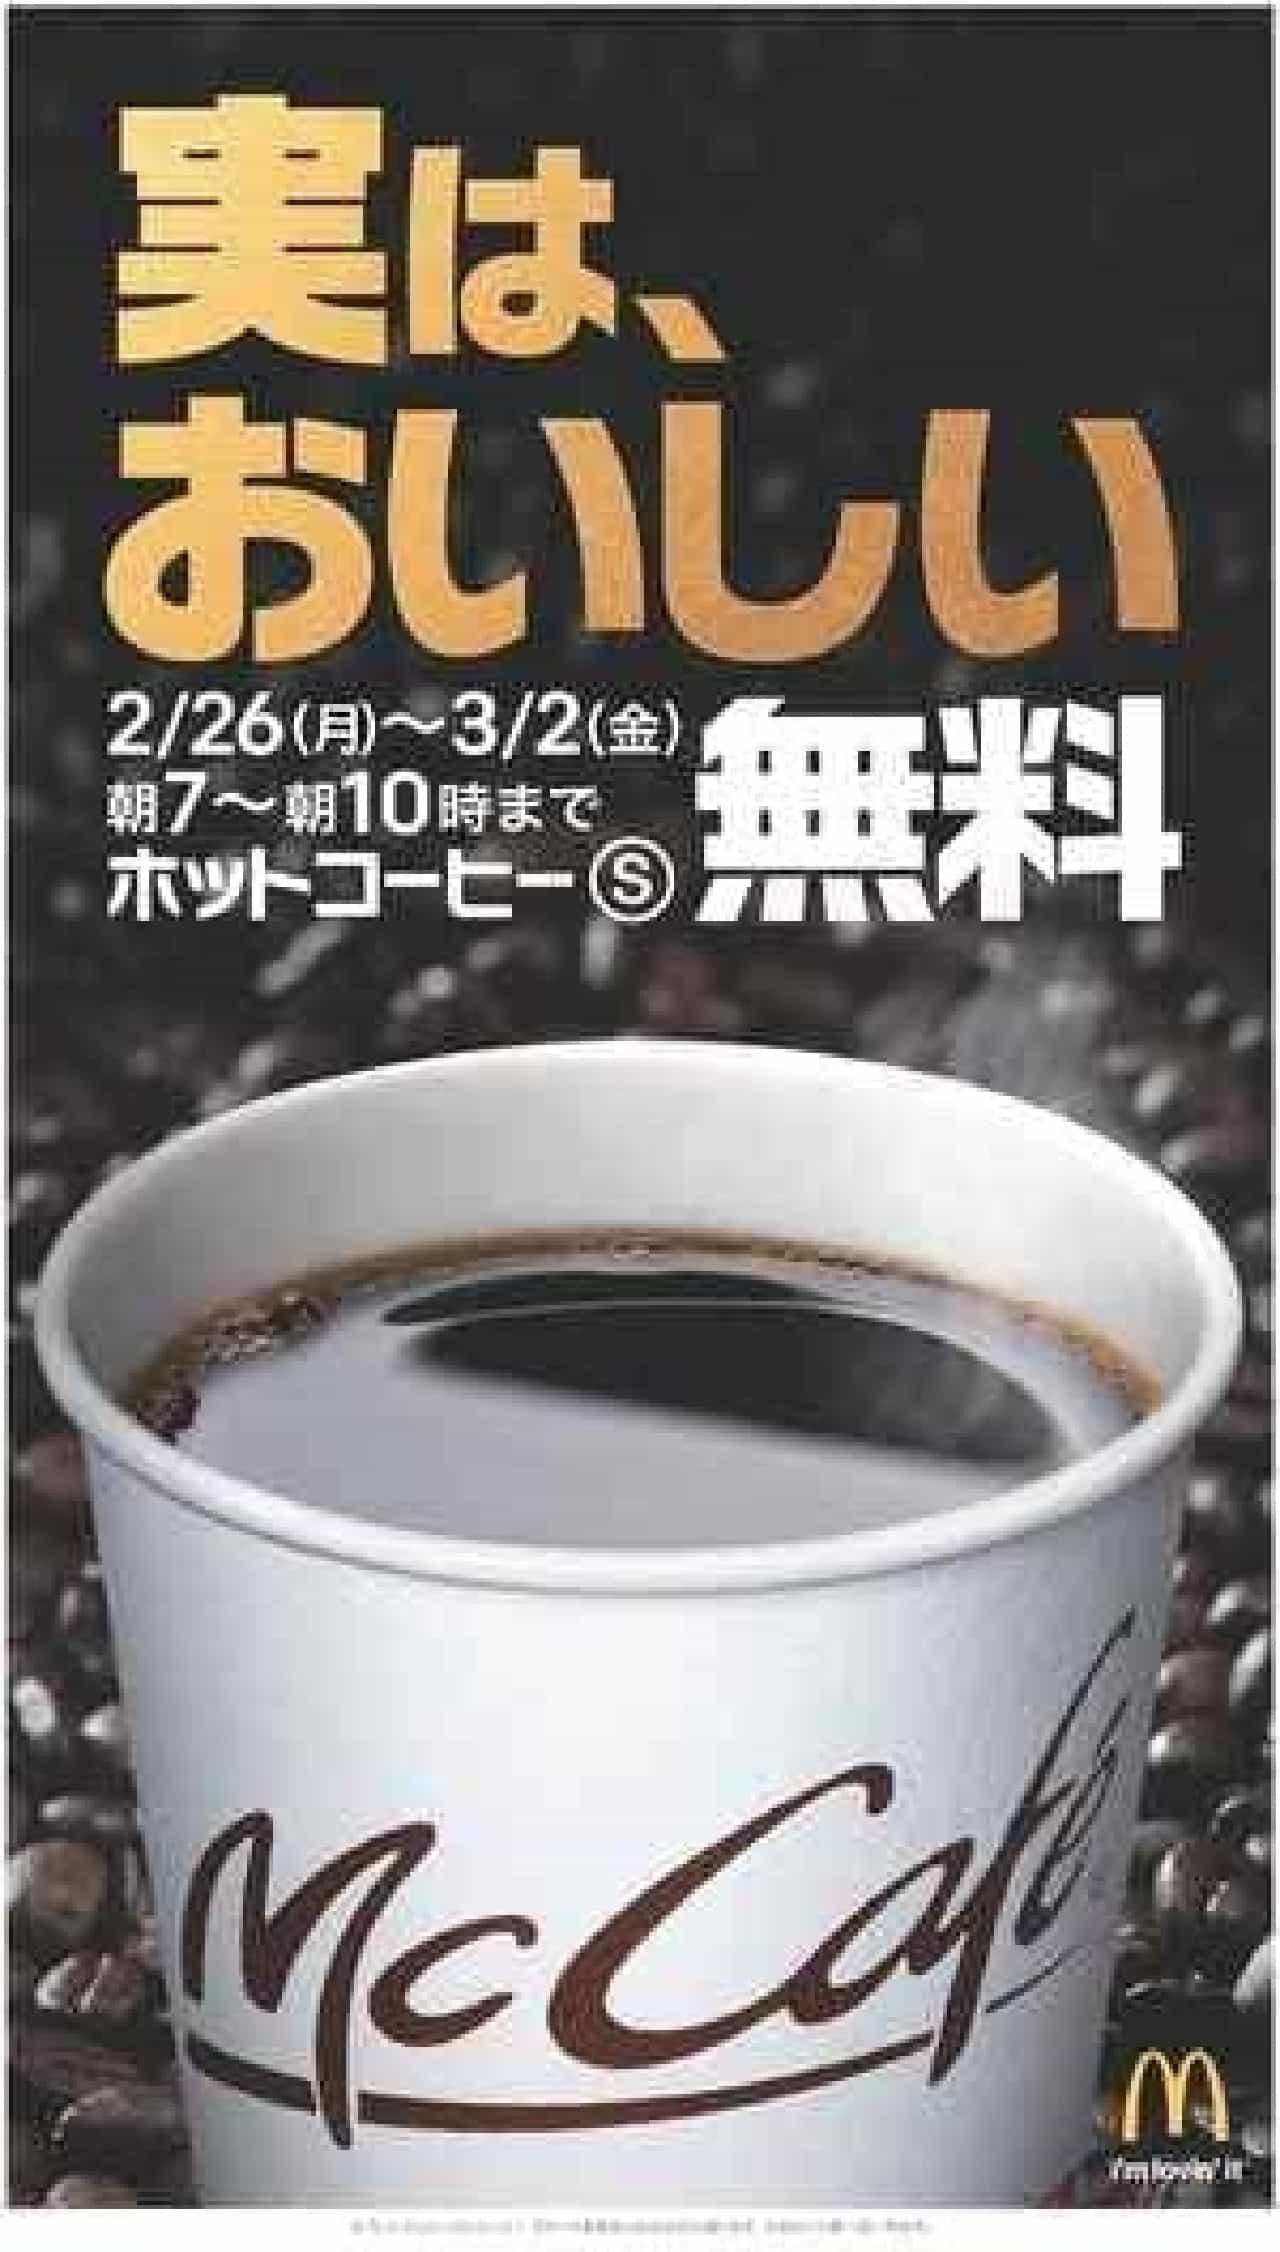 マクドナルドでコーヒー1杯無料キャンペーン